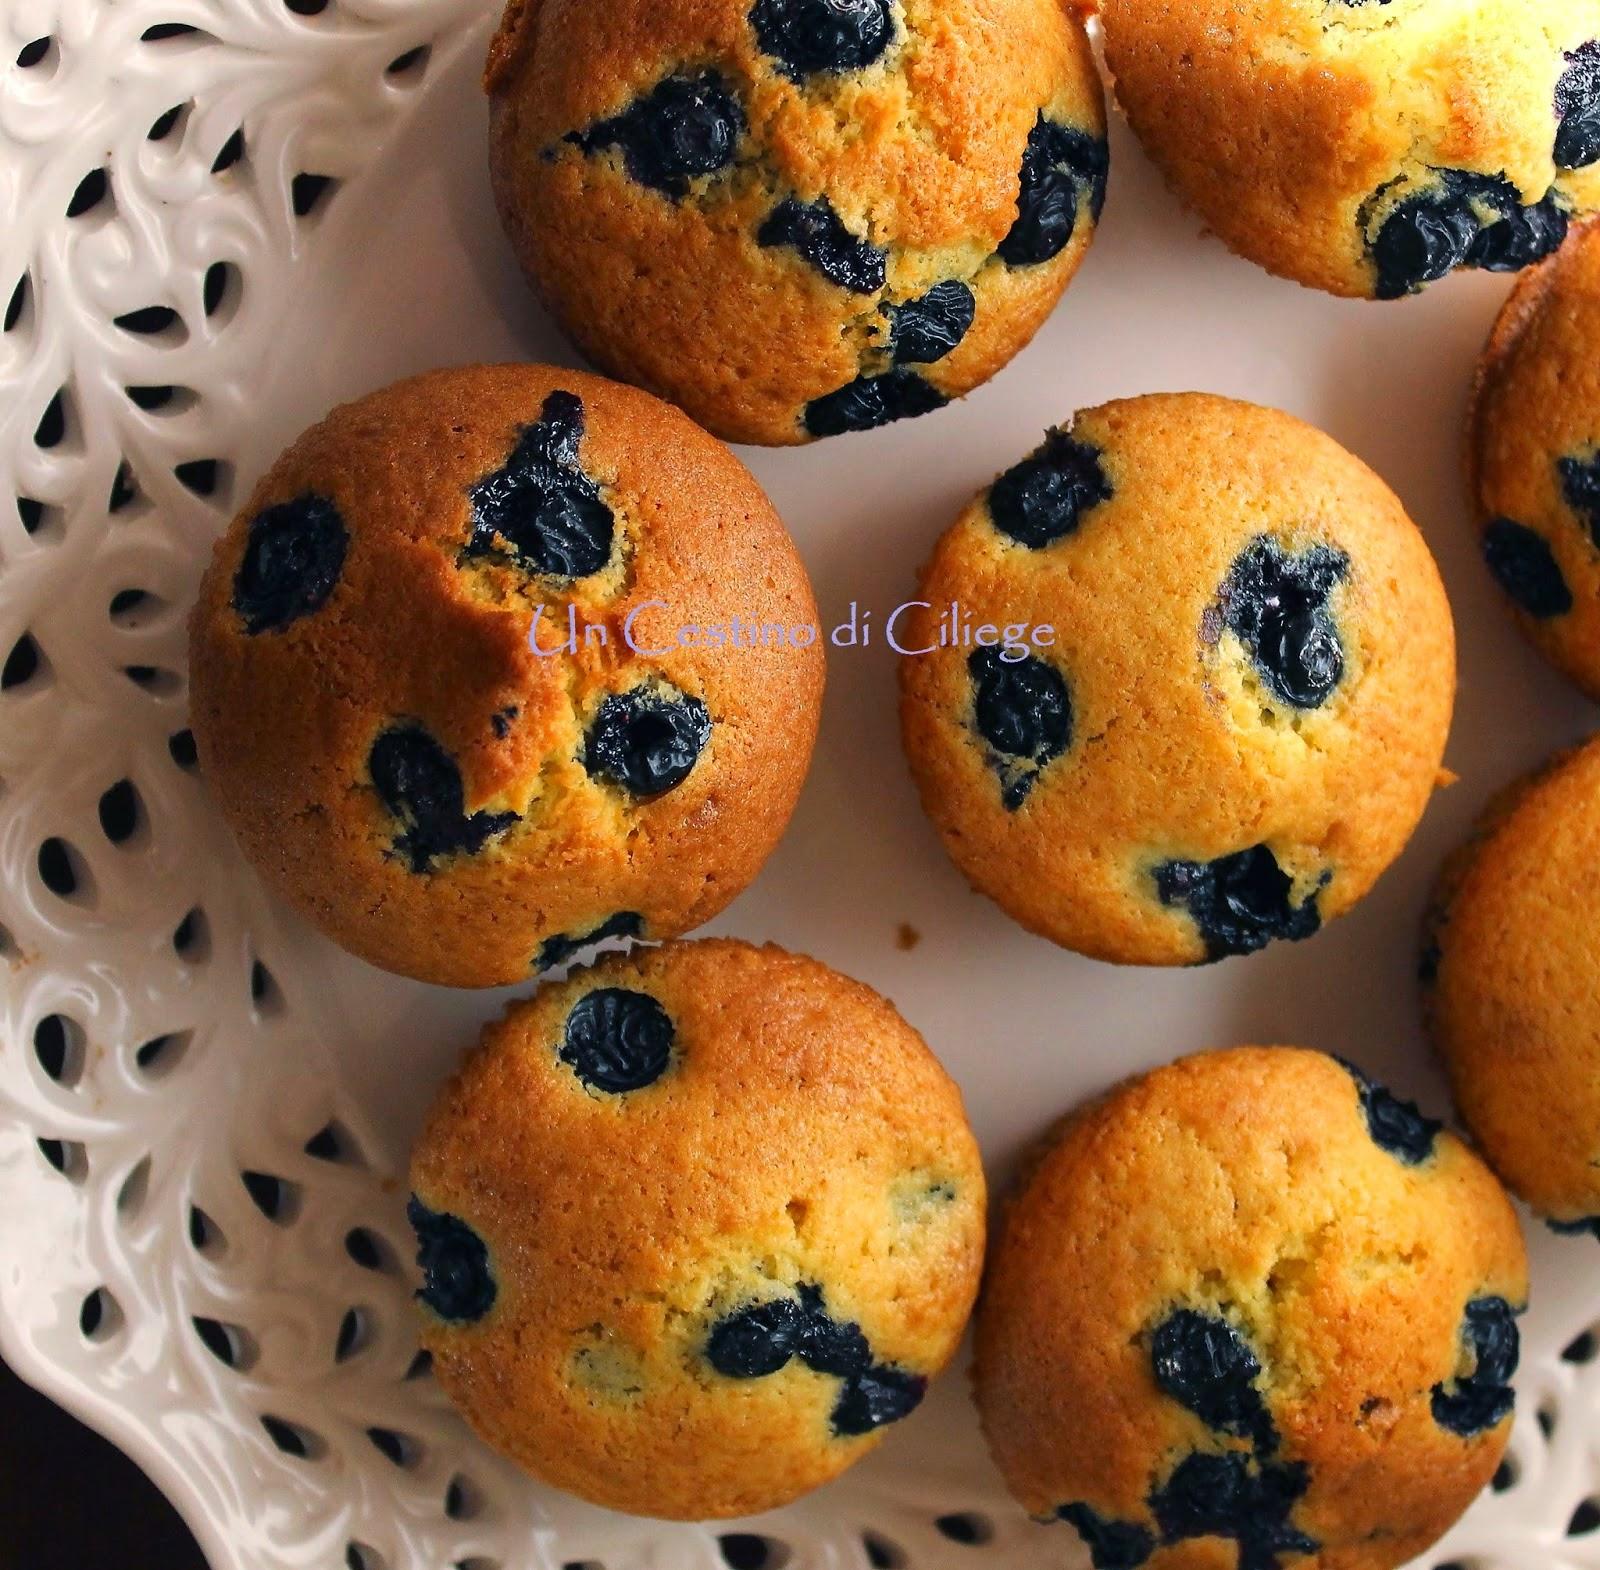 http://uncestinodiciliege.blogspot.it/2014/05/muffins-con-mirtilli.html